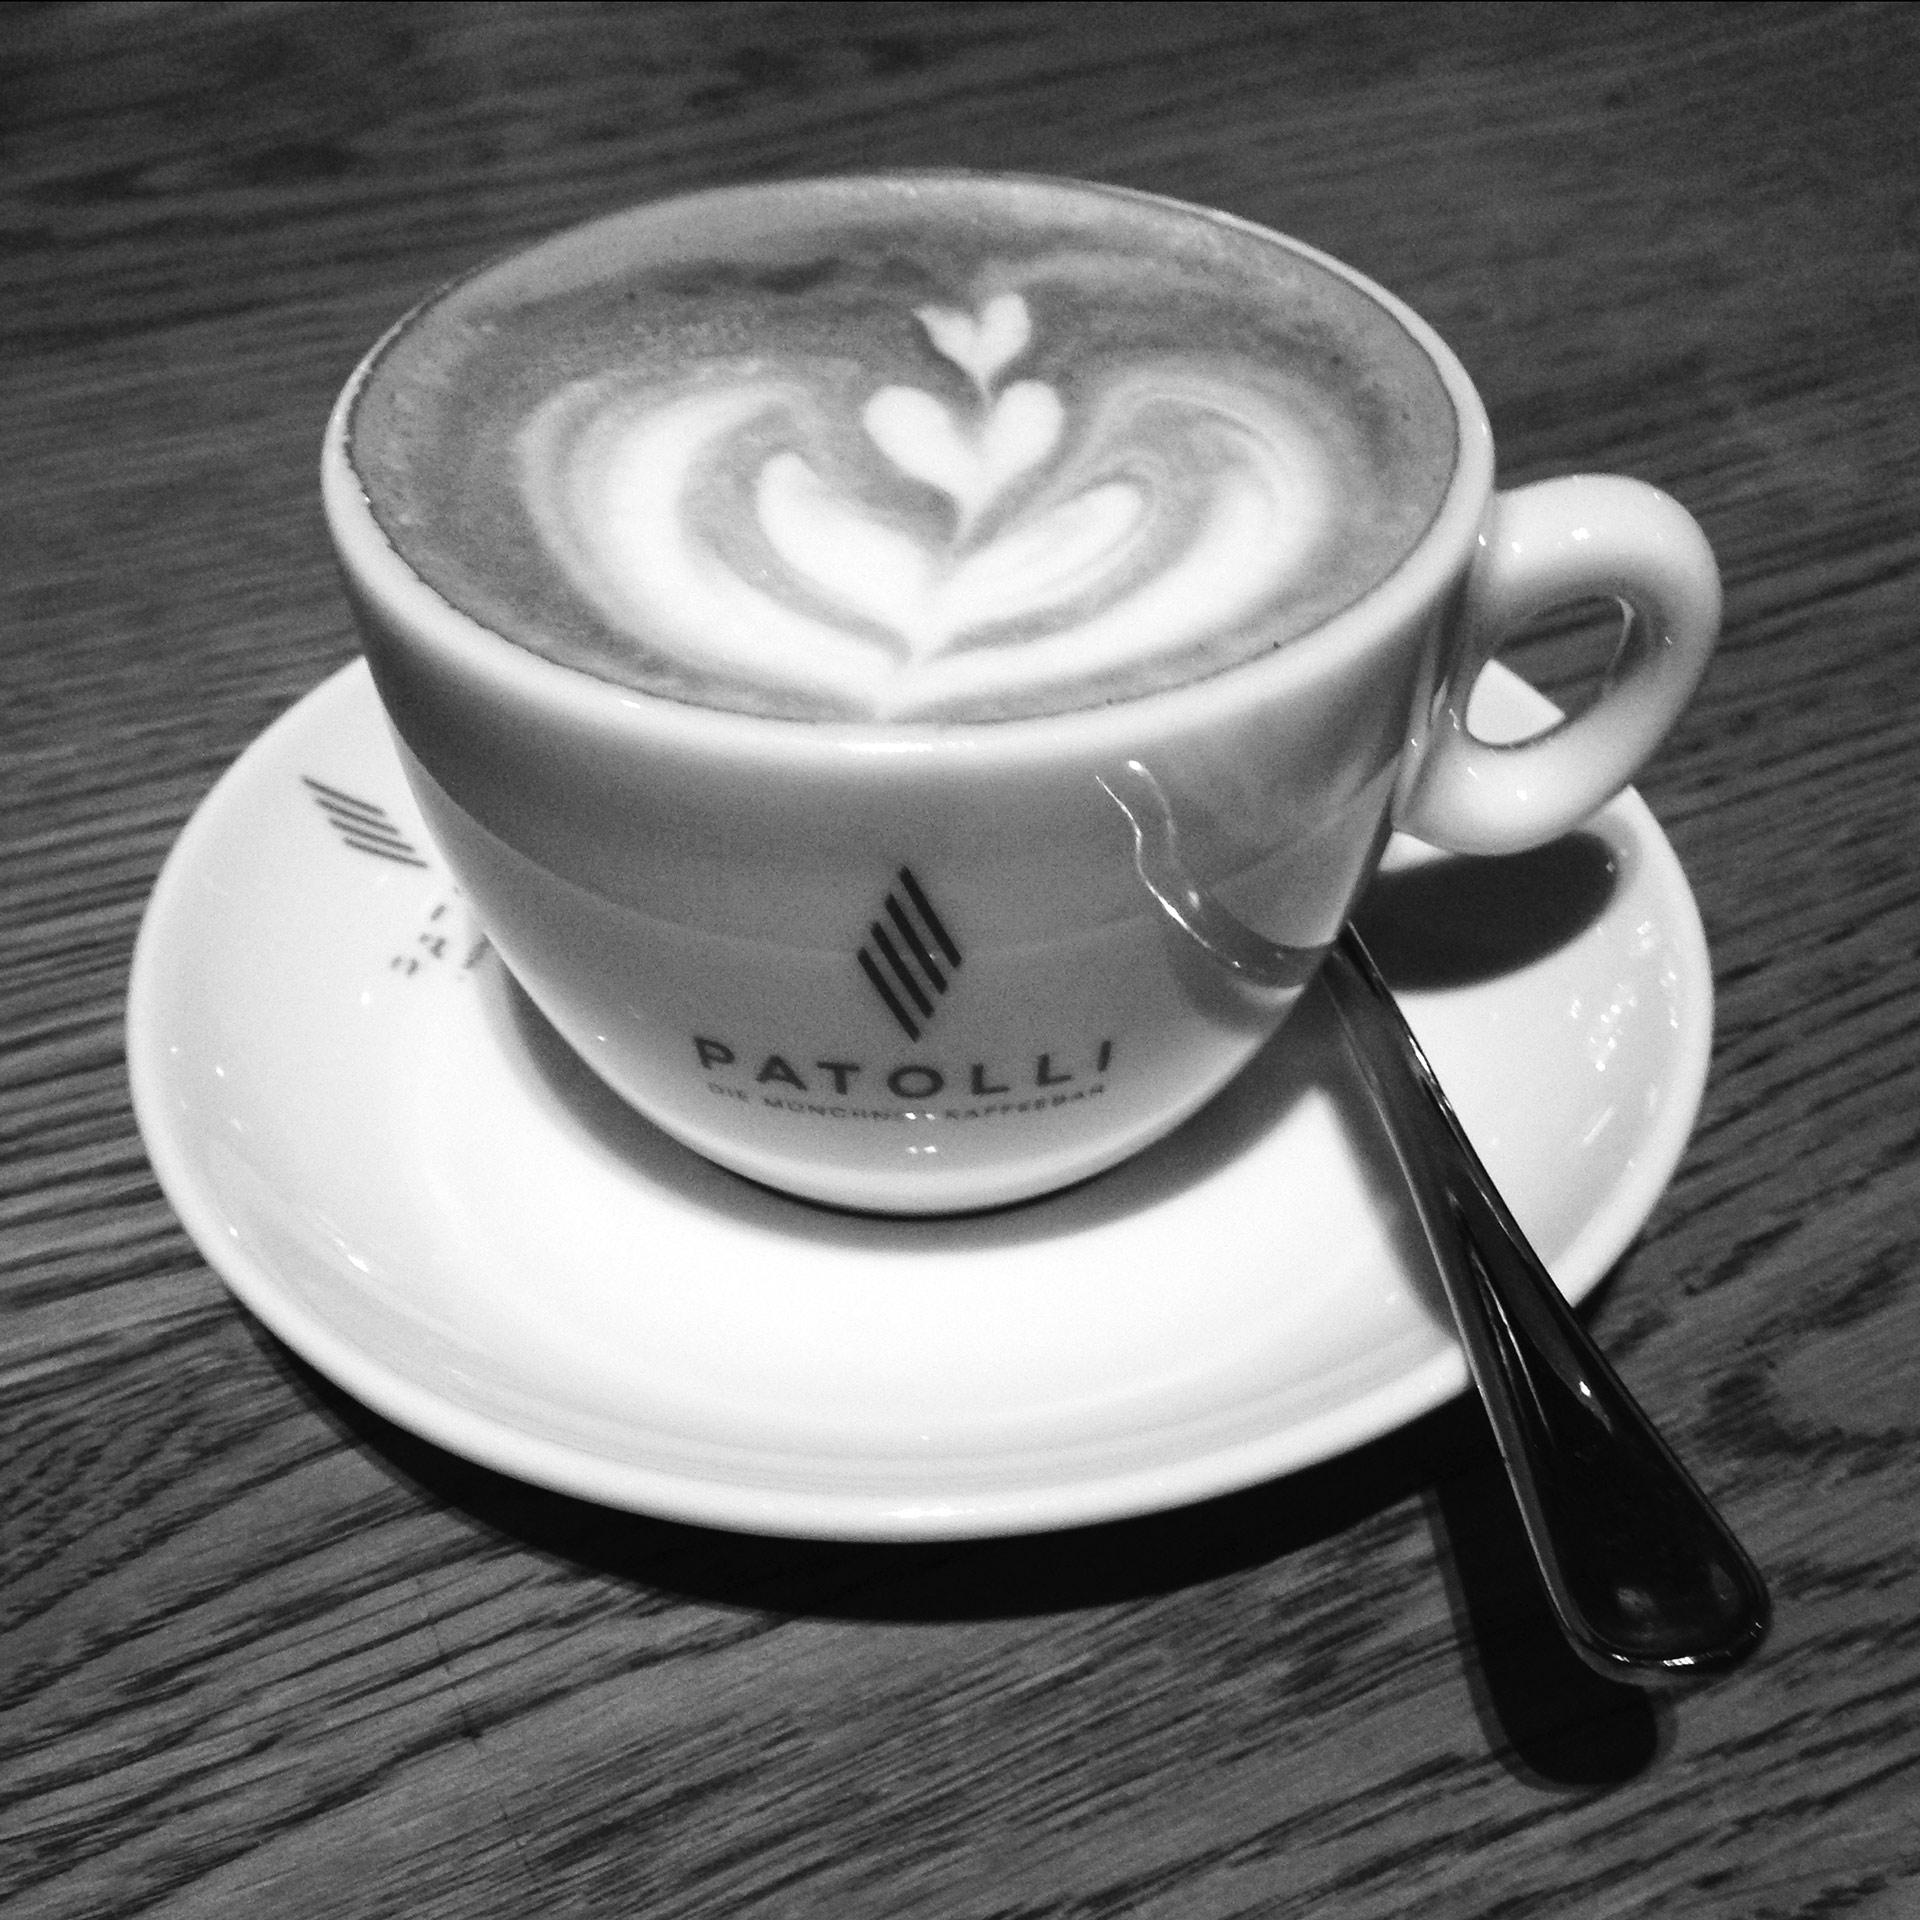 KOFFEIN IM BLUT: Ein Espresso ist Rennradkultur und macht Druck – Cappuccino mit Barista-Kunst in der Kaffeebar Patolli © stefandrexl.de